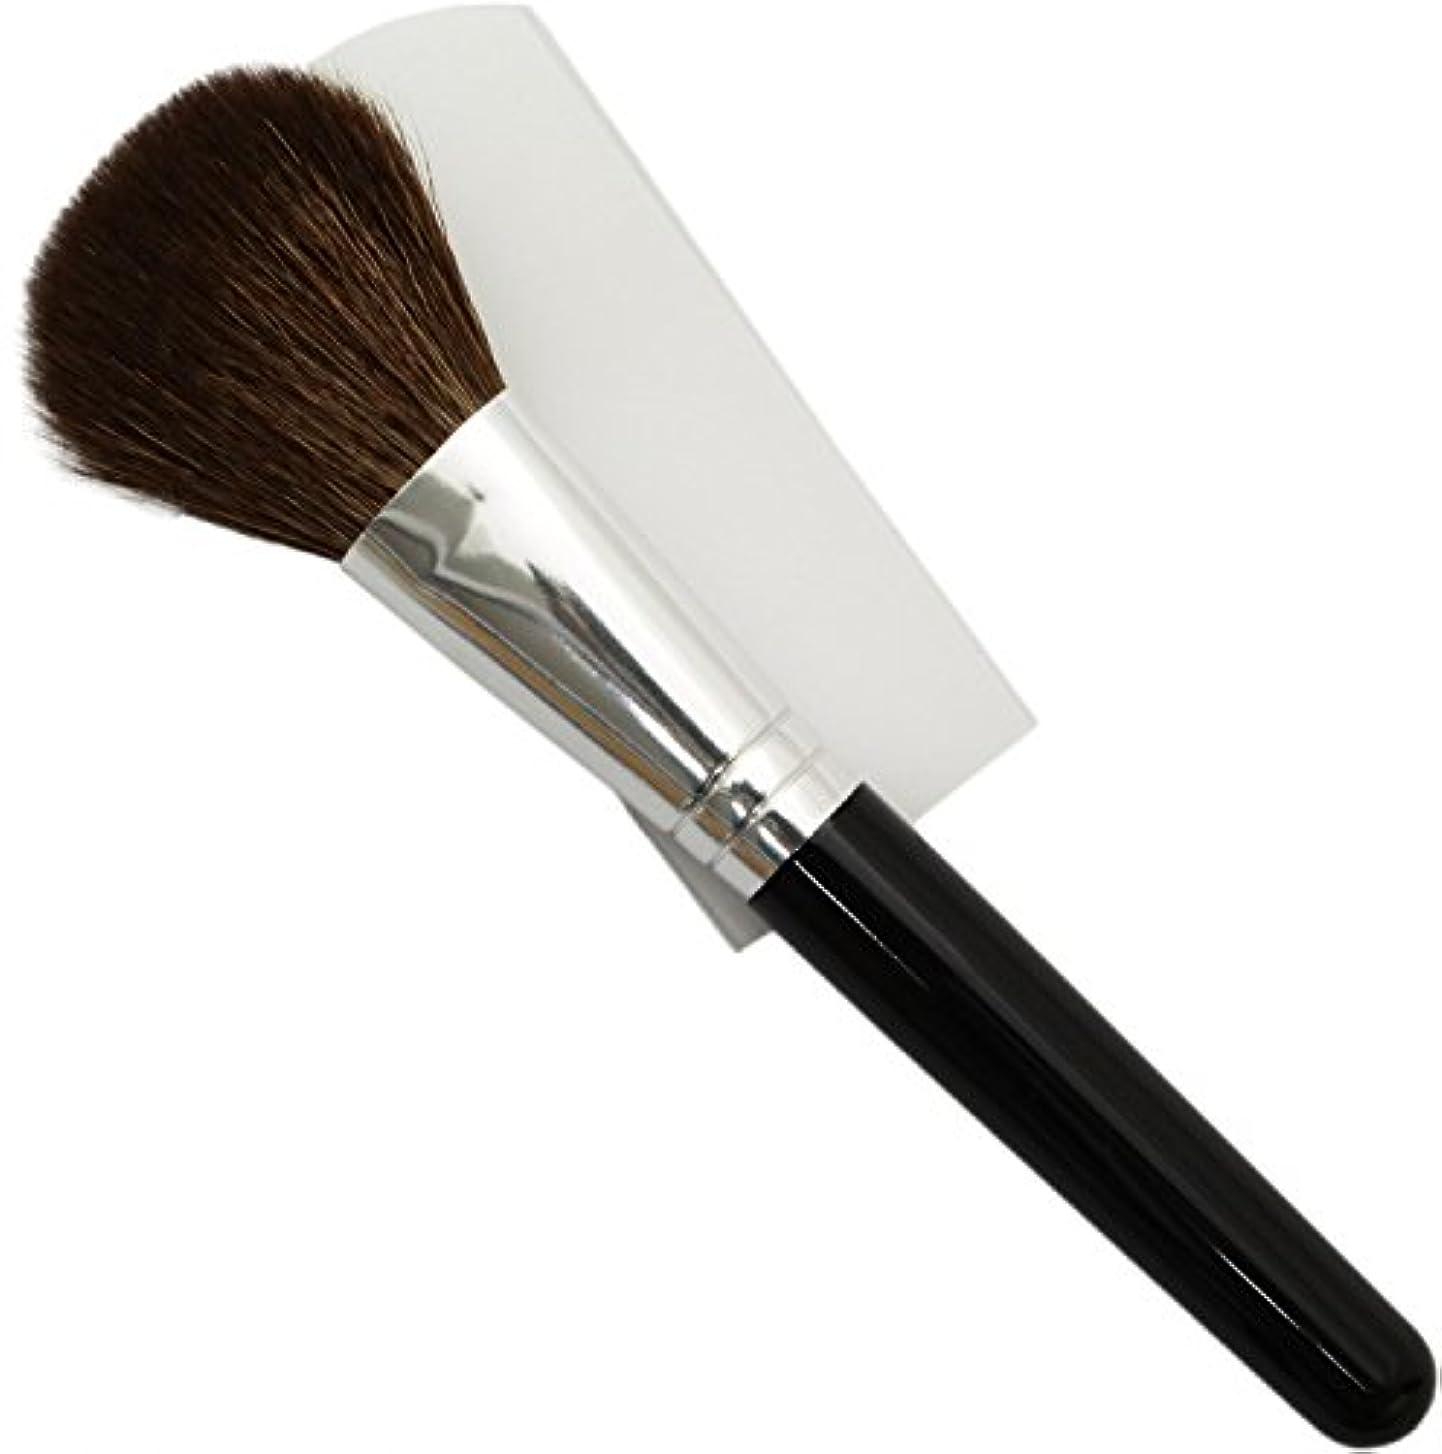 唯一リフレッシュピアース熊野筆 メイクブラシ KUシリーズ フェイスブラシ 山羊毛